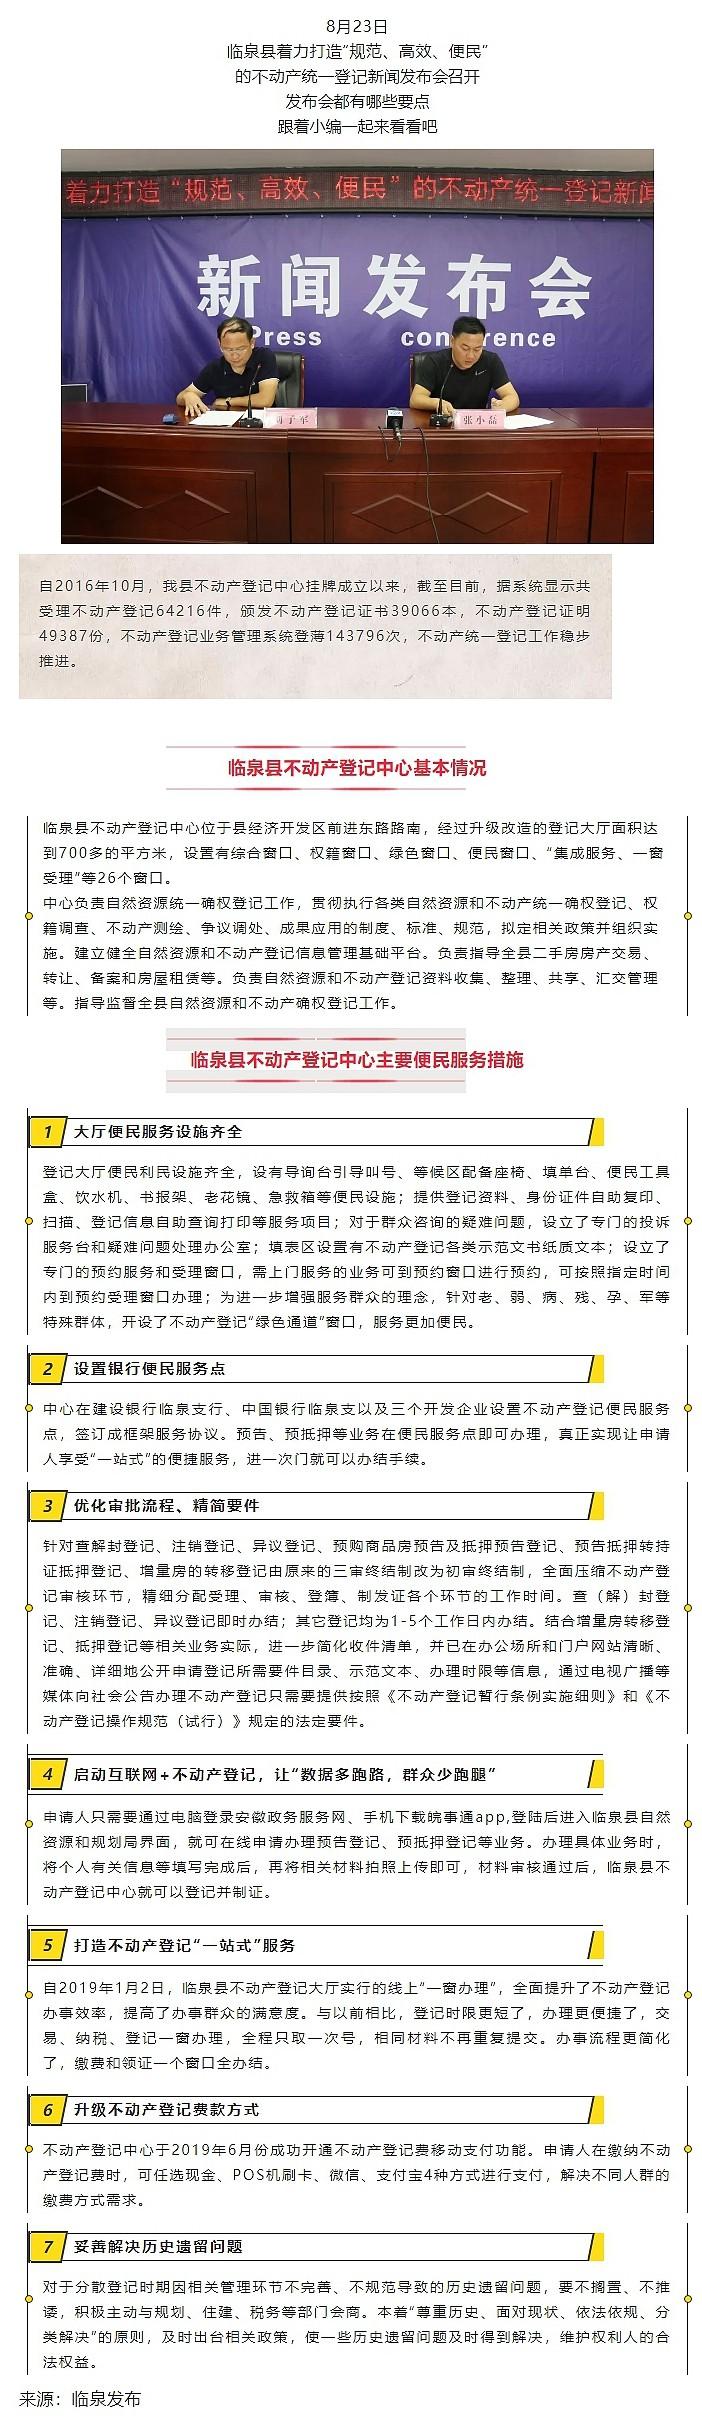 臨泉不動產登記中心都提供哪些服務?這場新聞發布會說的很明白!.jpg